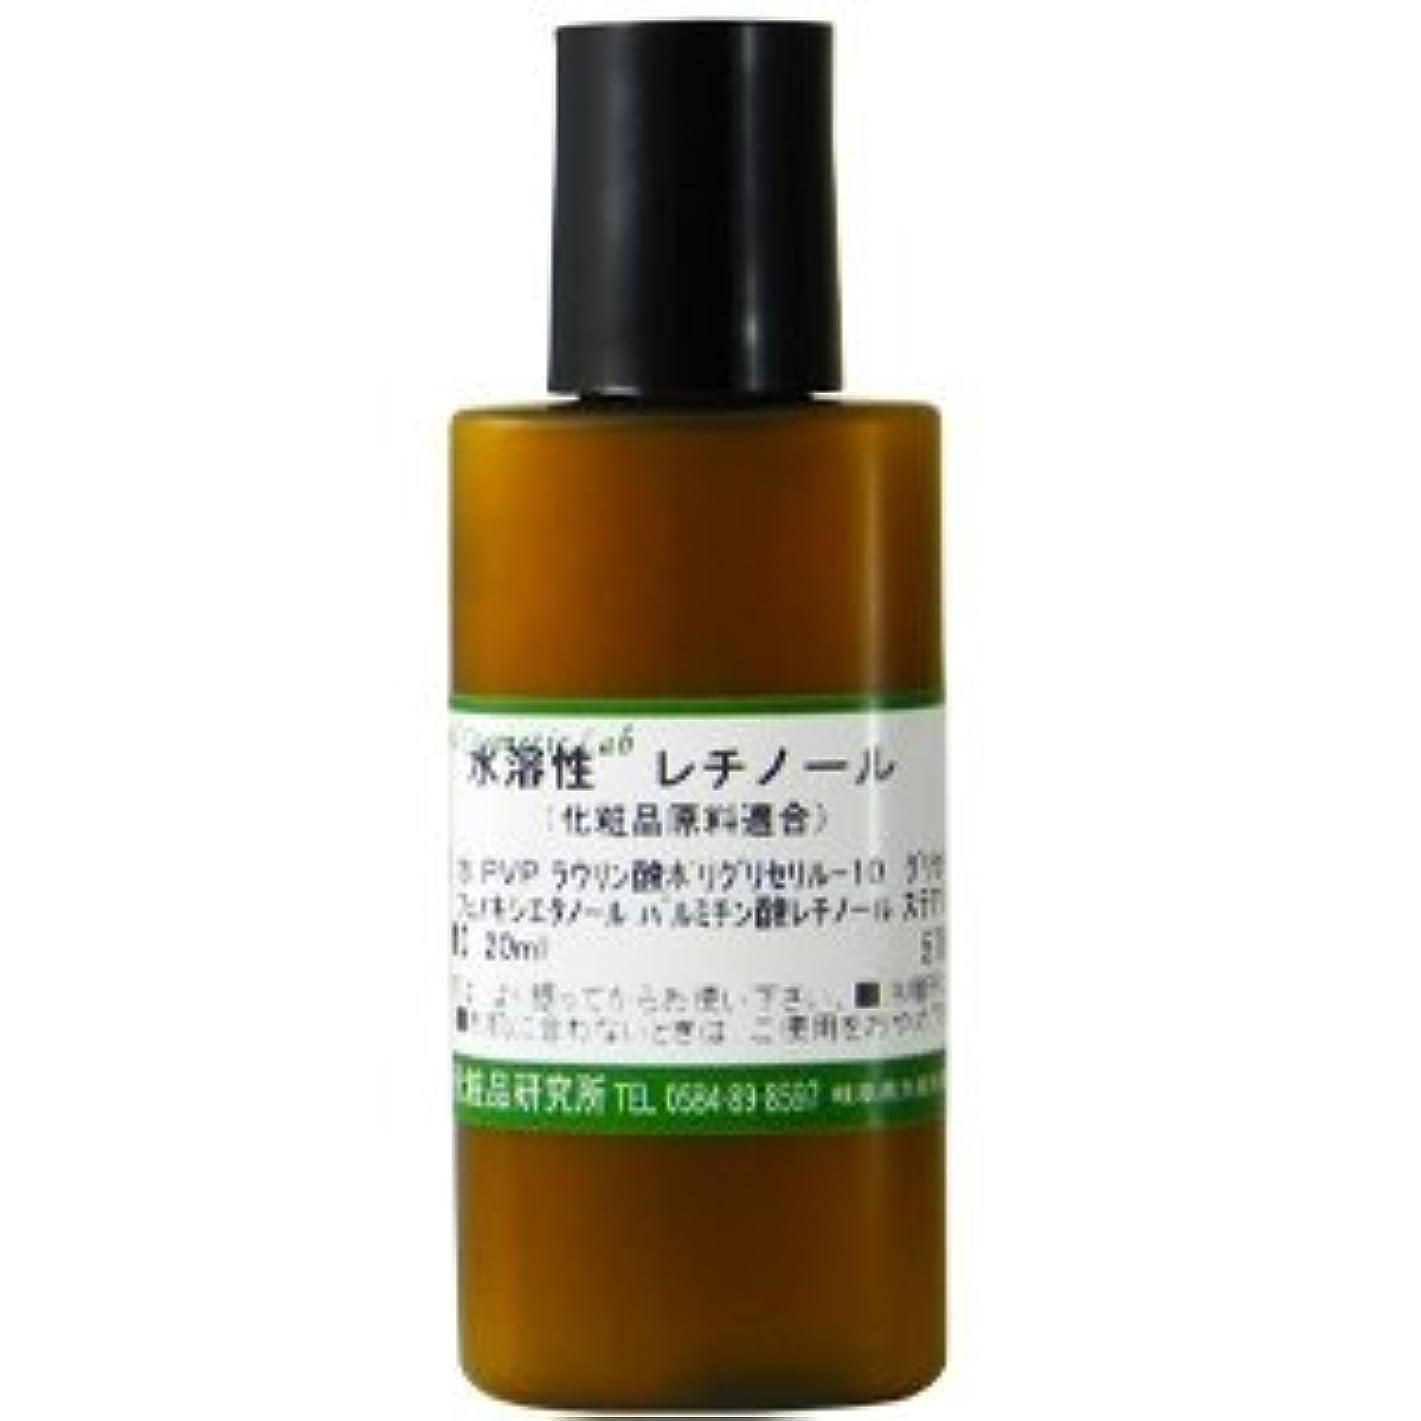 財団ファッションブラウズ水溶性 レチノール 化粧品原料 20ml